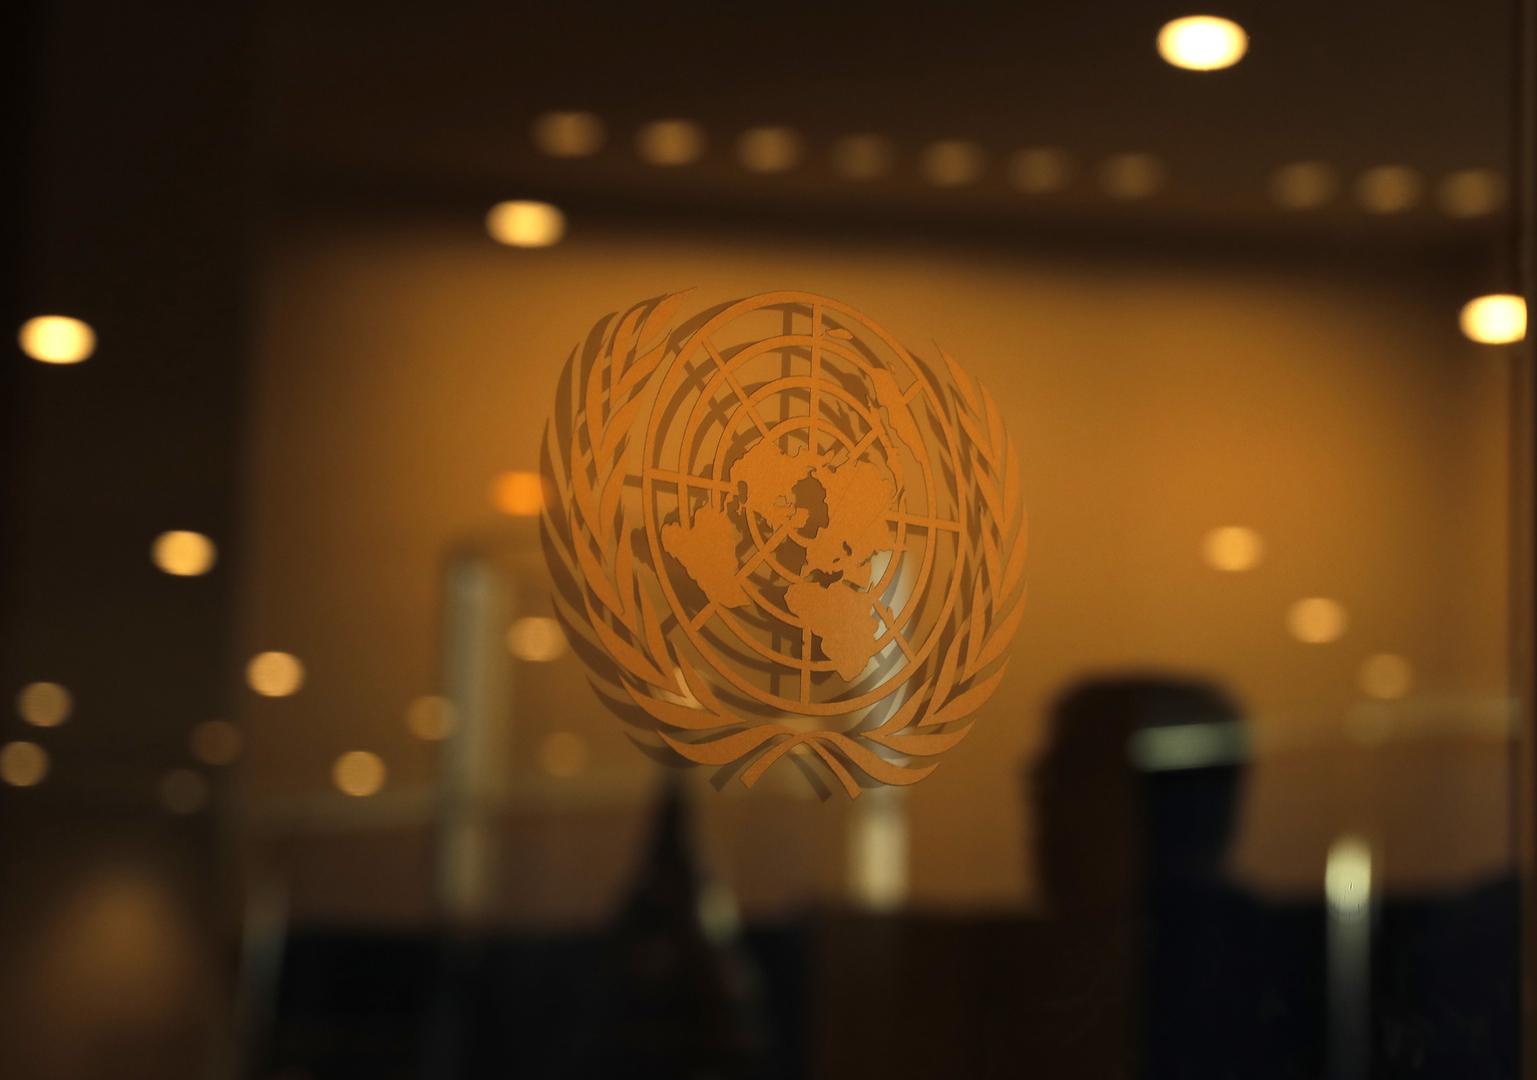 الأمم المتحدة تنوي مناقشة حماية حقوق الإنسان أثناء حجب الحسابات على مواقع التواصل الاجتماعي